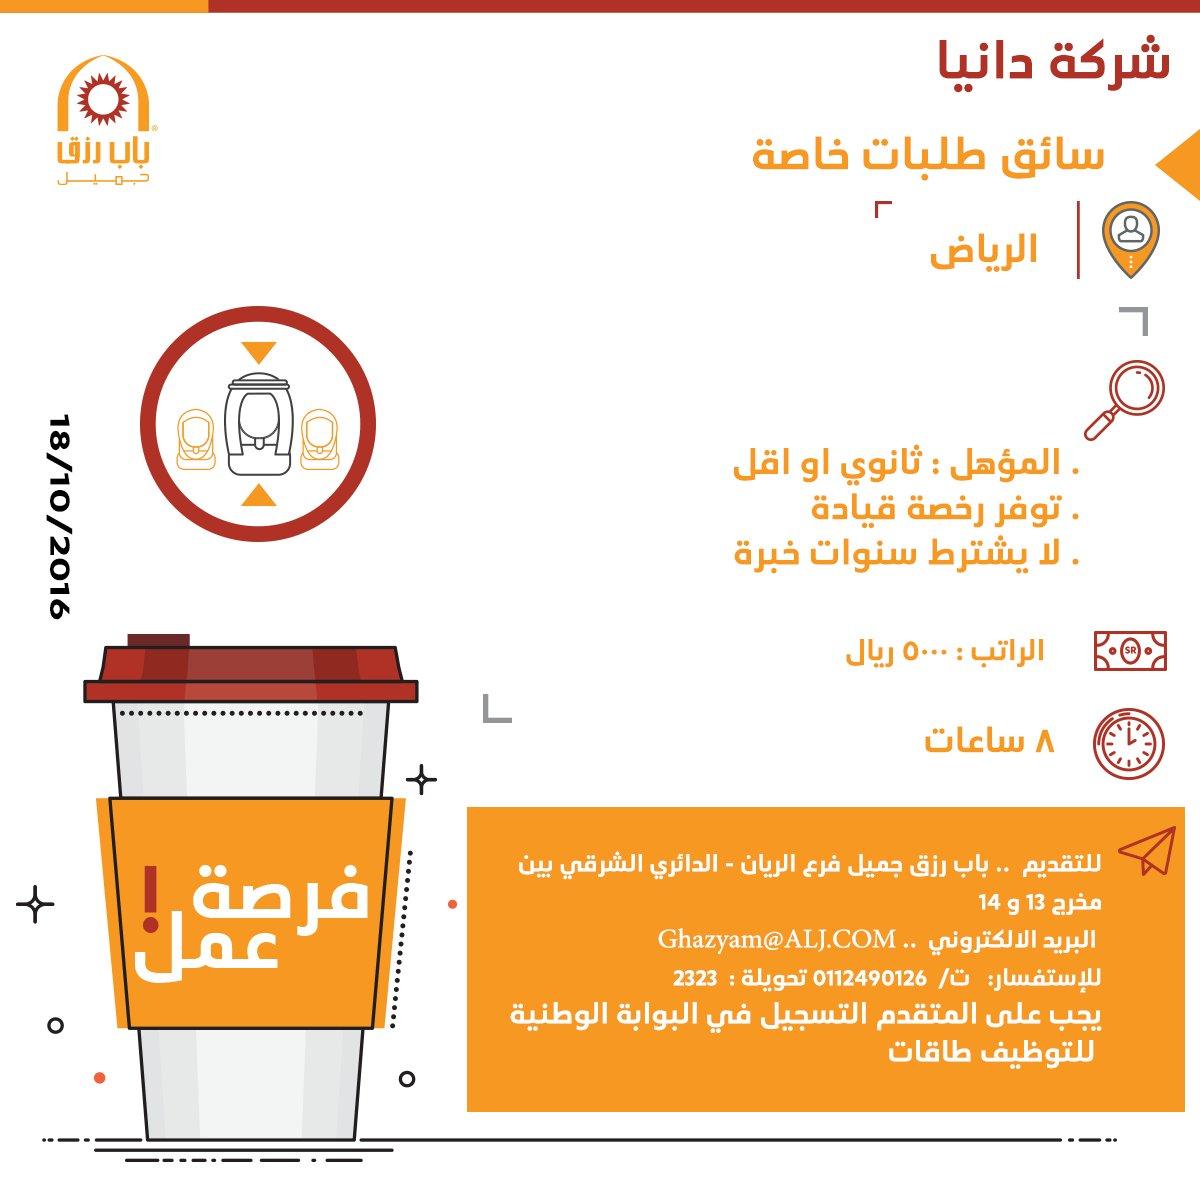 مطلوب سائق طلبات خاصة لشركة دانيا - الرياض